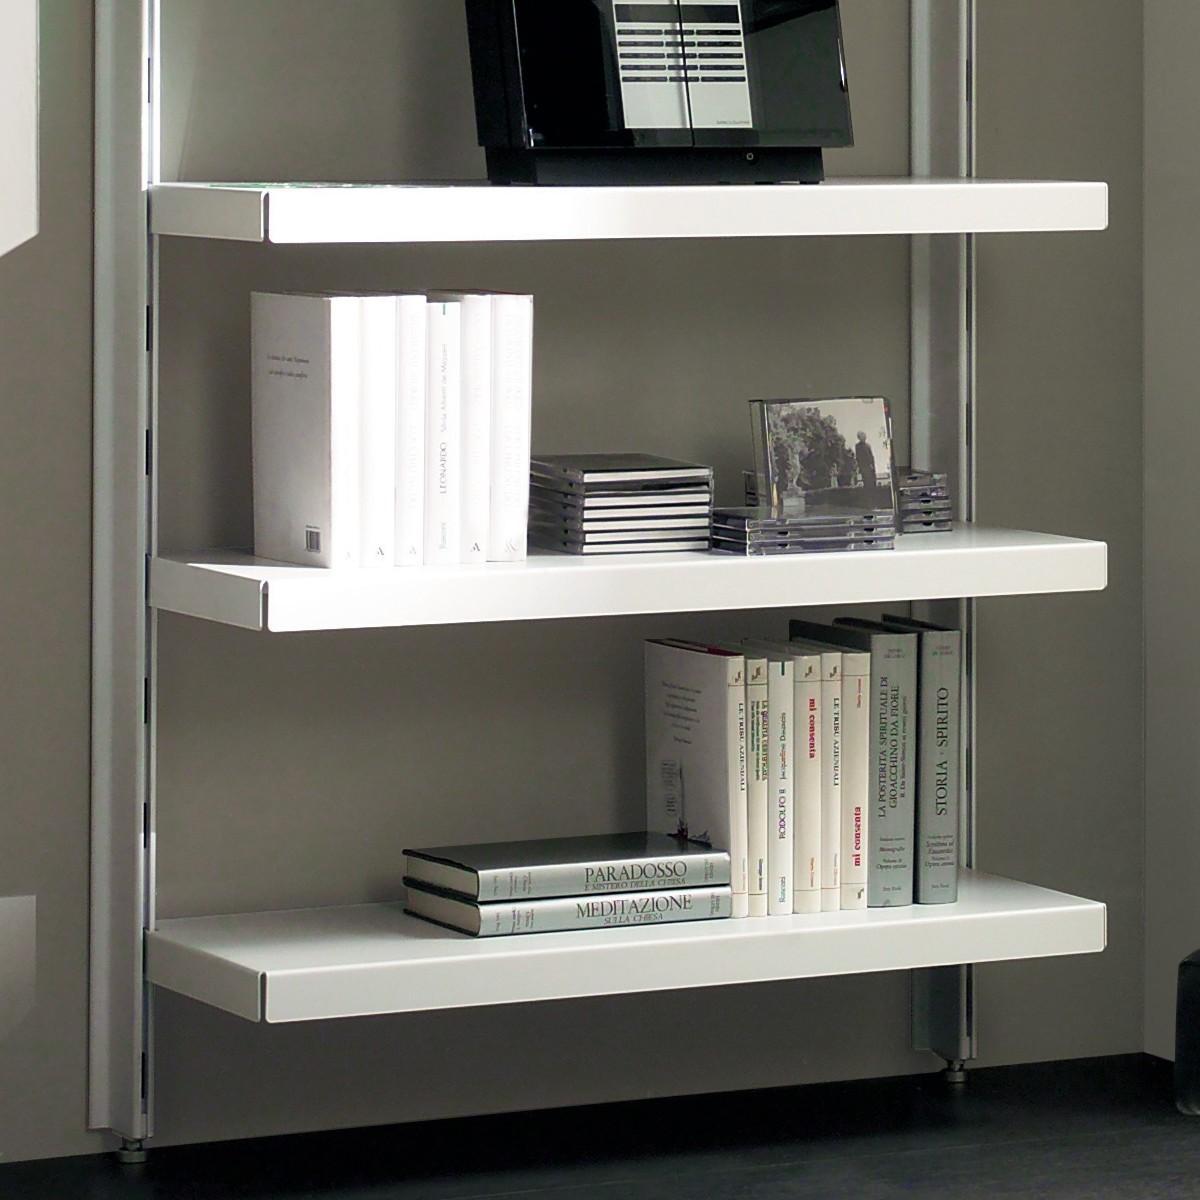 Librerie In Metallo Scaffali.Scaffale In Metallo A Muro Design Moderno In Acciaio Big 15